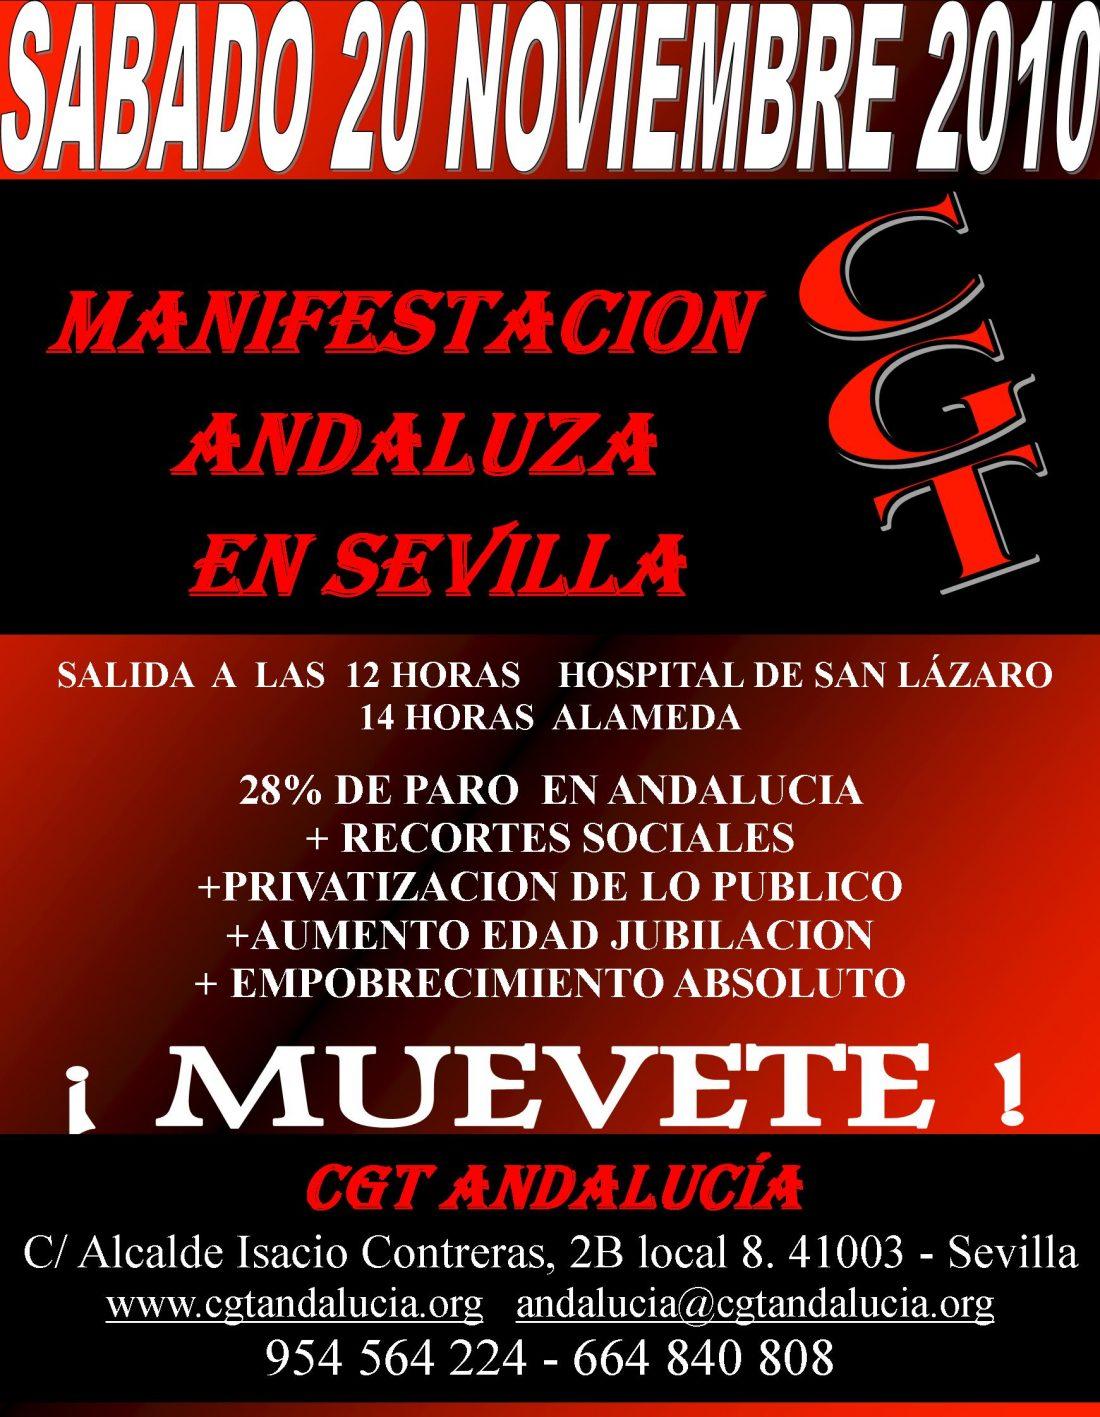 Sevilla, 20 de noviembre: Manifestación contra la reforma laboral y los recortes sociales